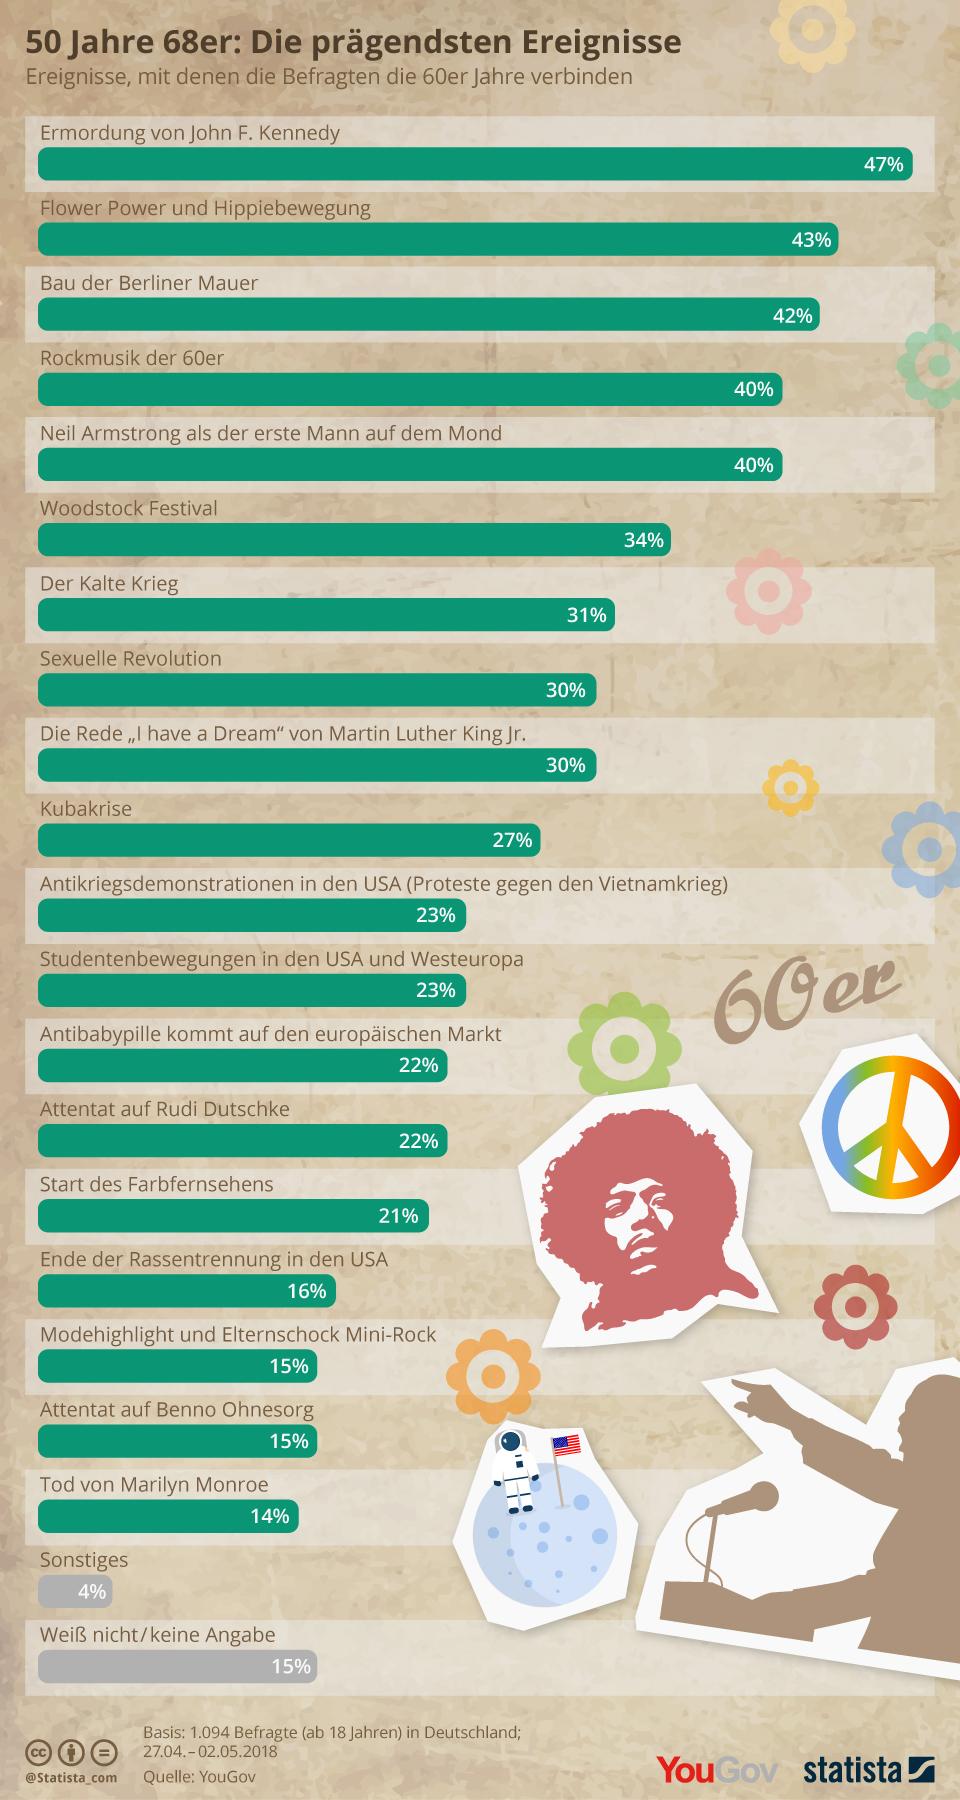 Infografik: Die prägendsten Ereignisse der 60er Jahre | Statista